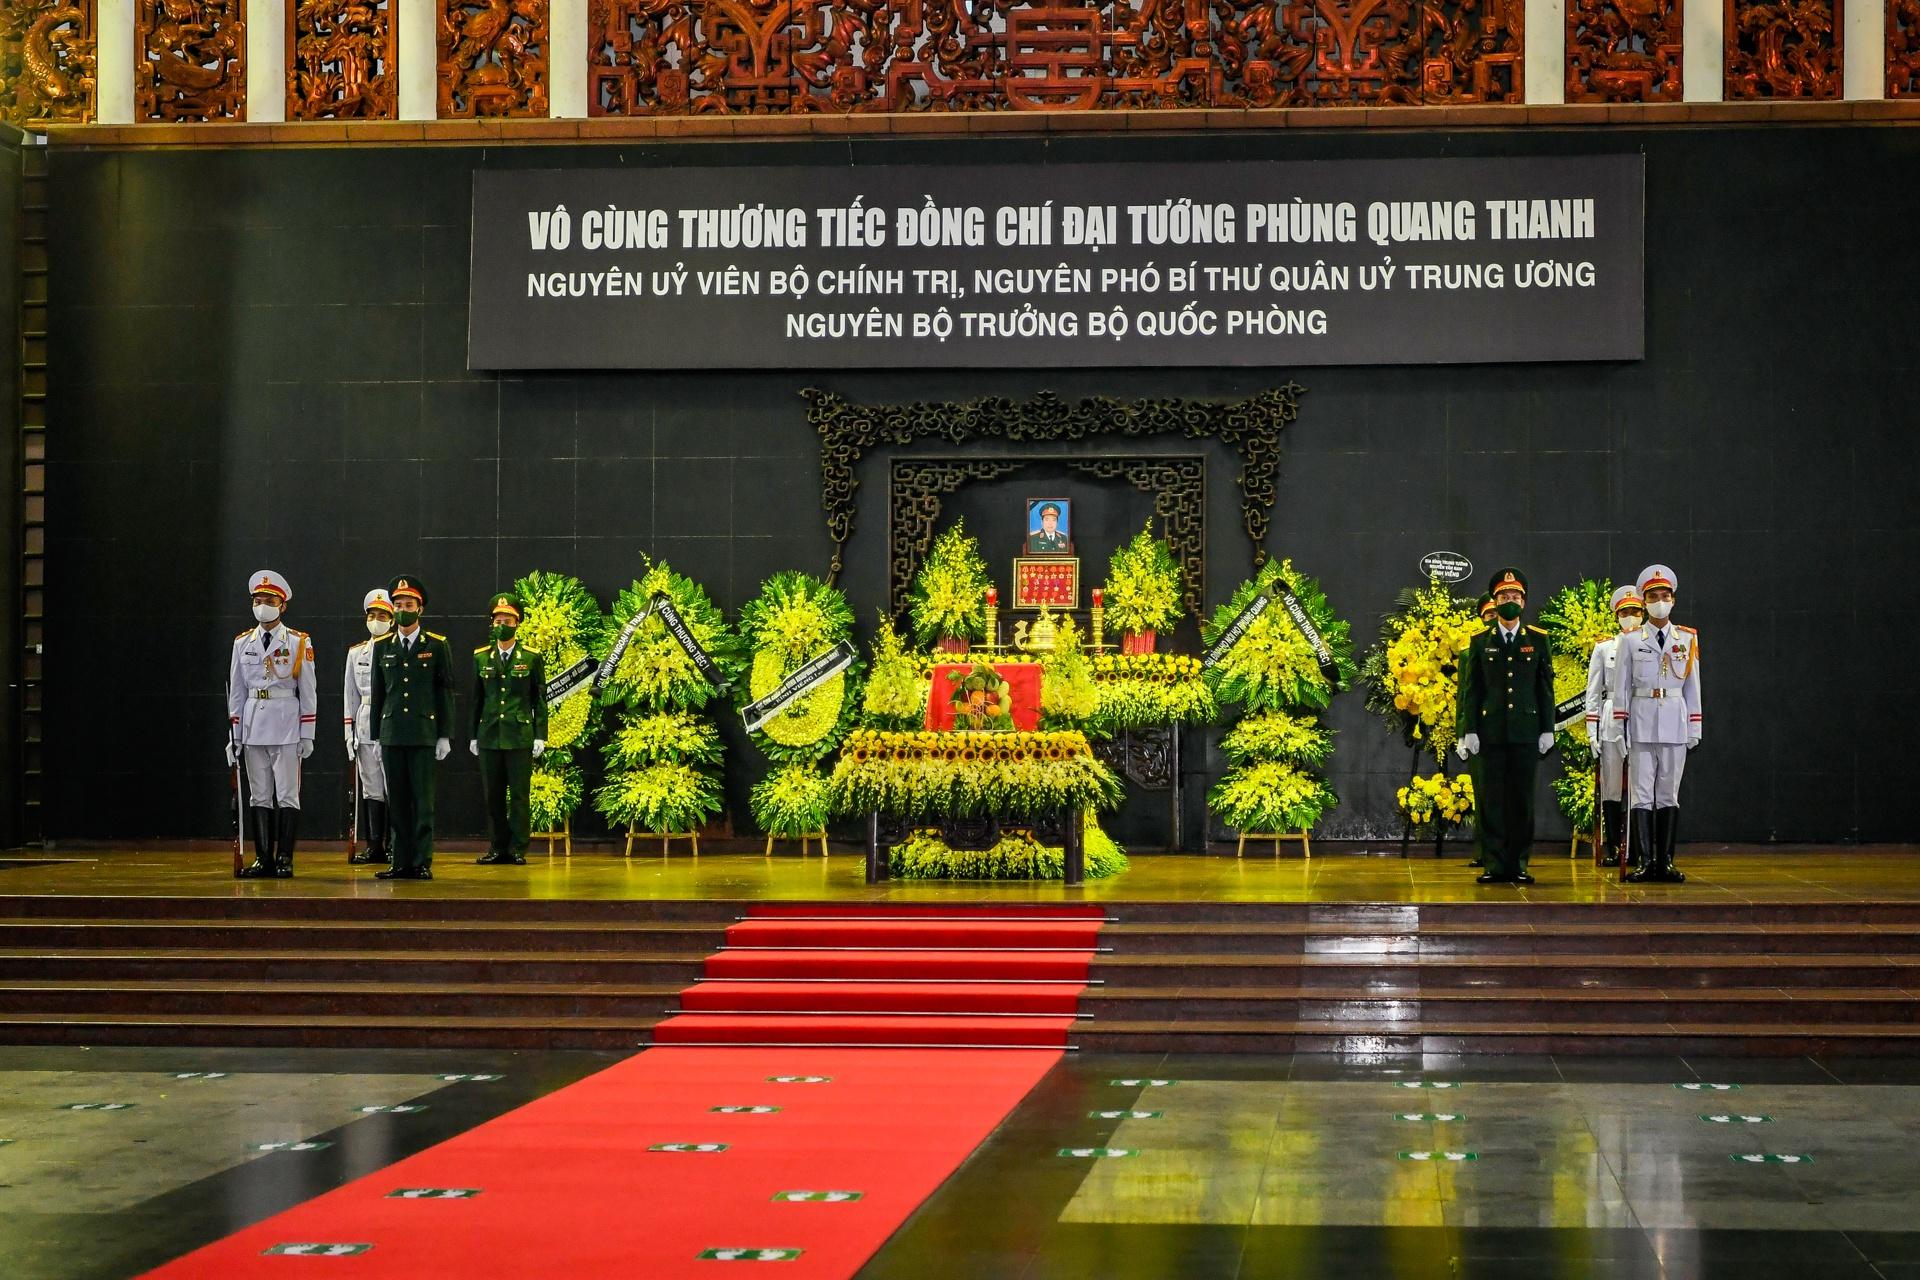 Lễ viếng, truy điệu đại tướng Phùng Quang Thanh - Ảnh 1.